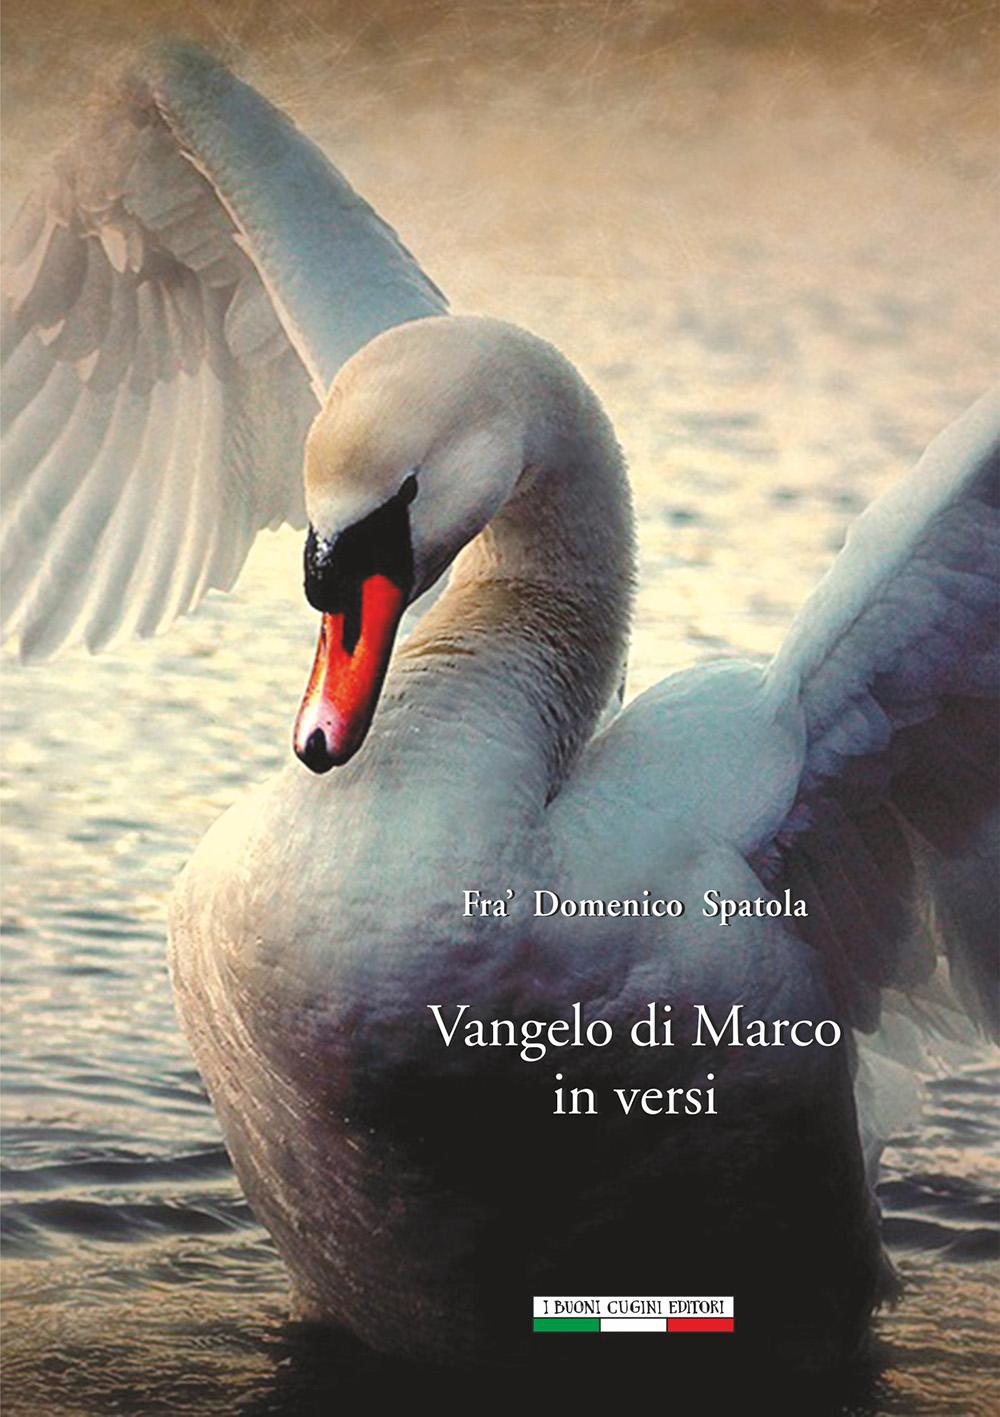 Vangelo di Marco in versi